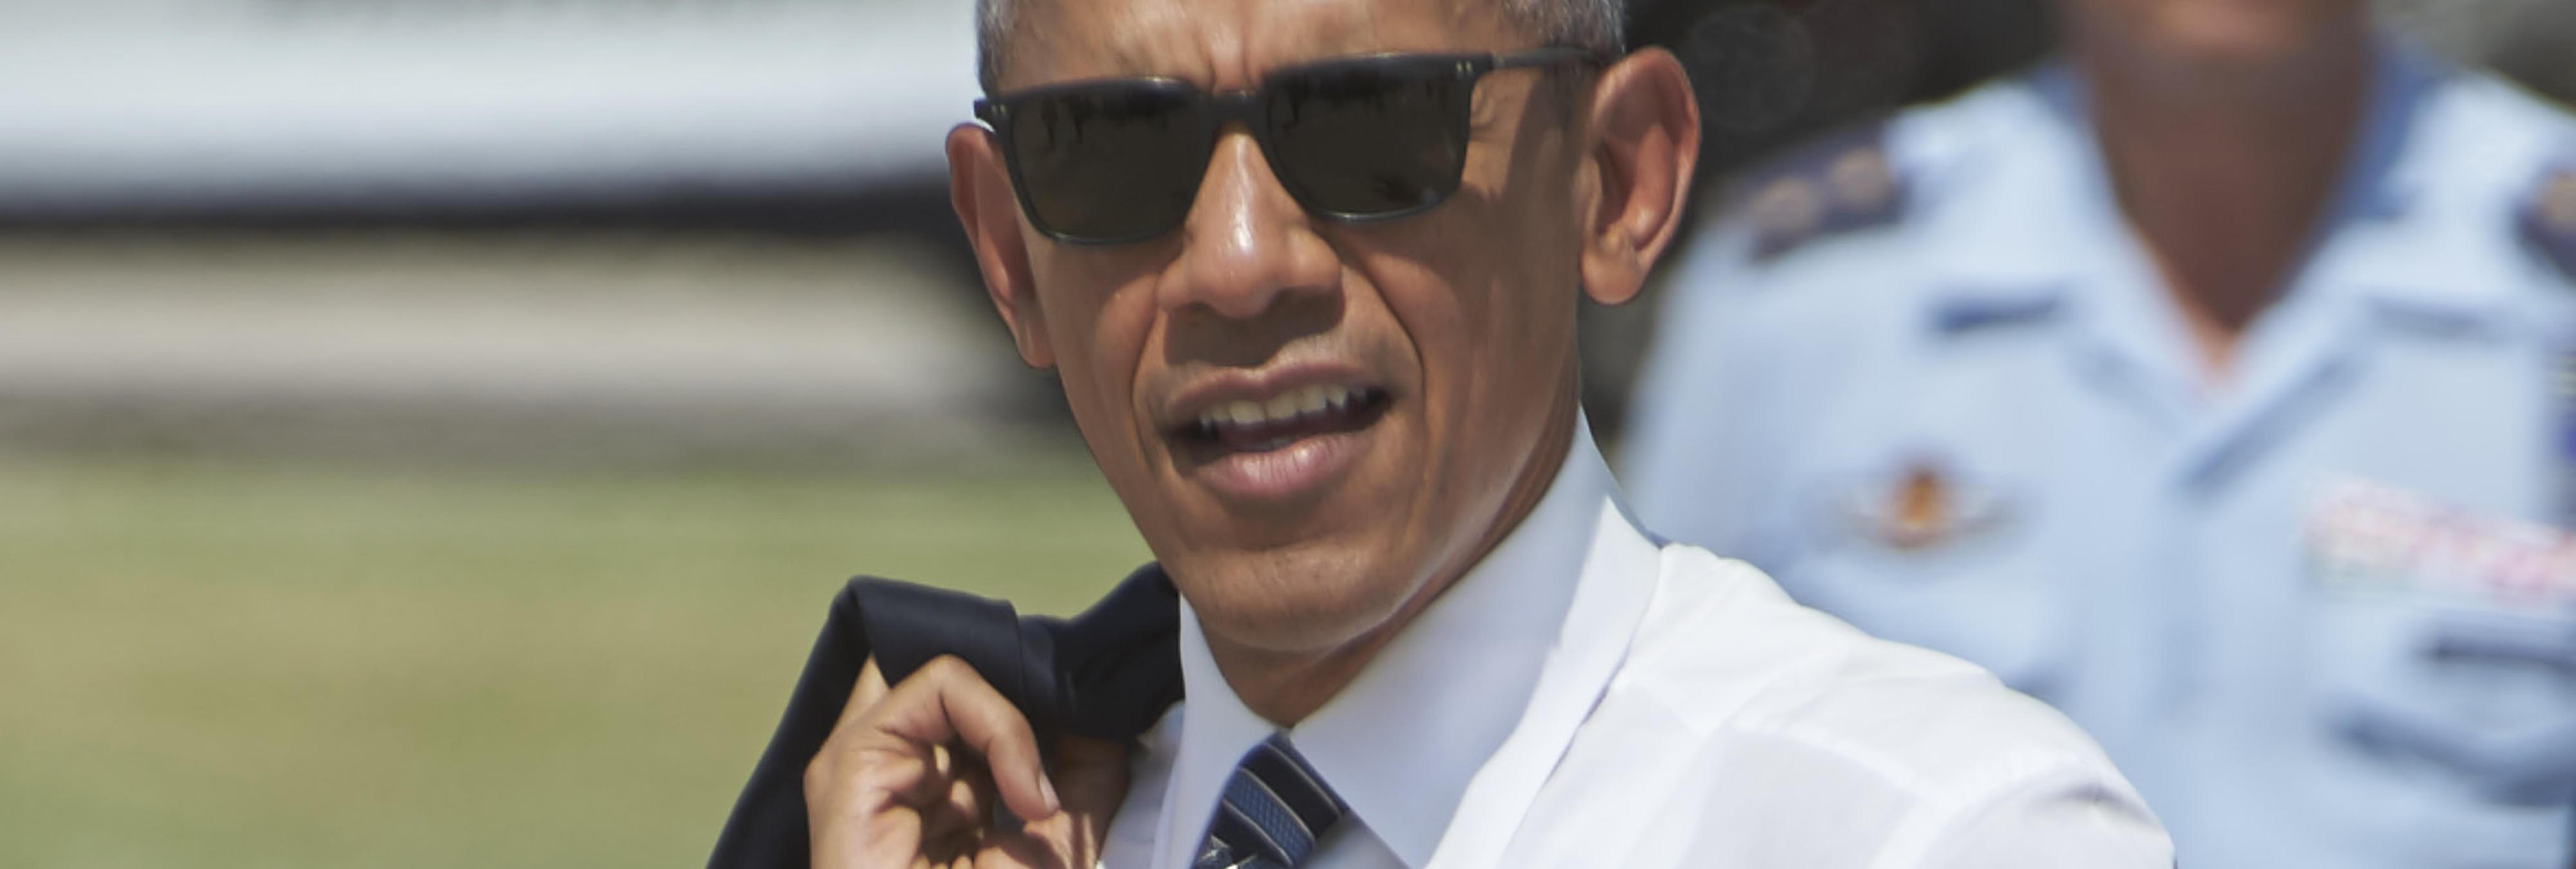 Los mejores memes de la 'aburrida' visita de Obama a España